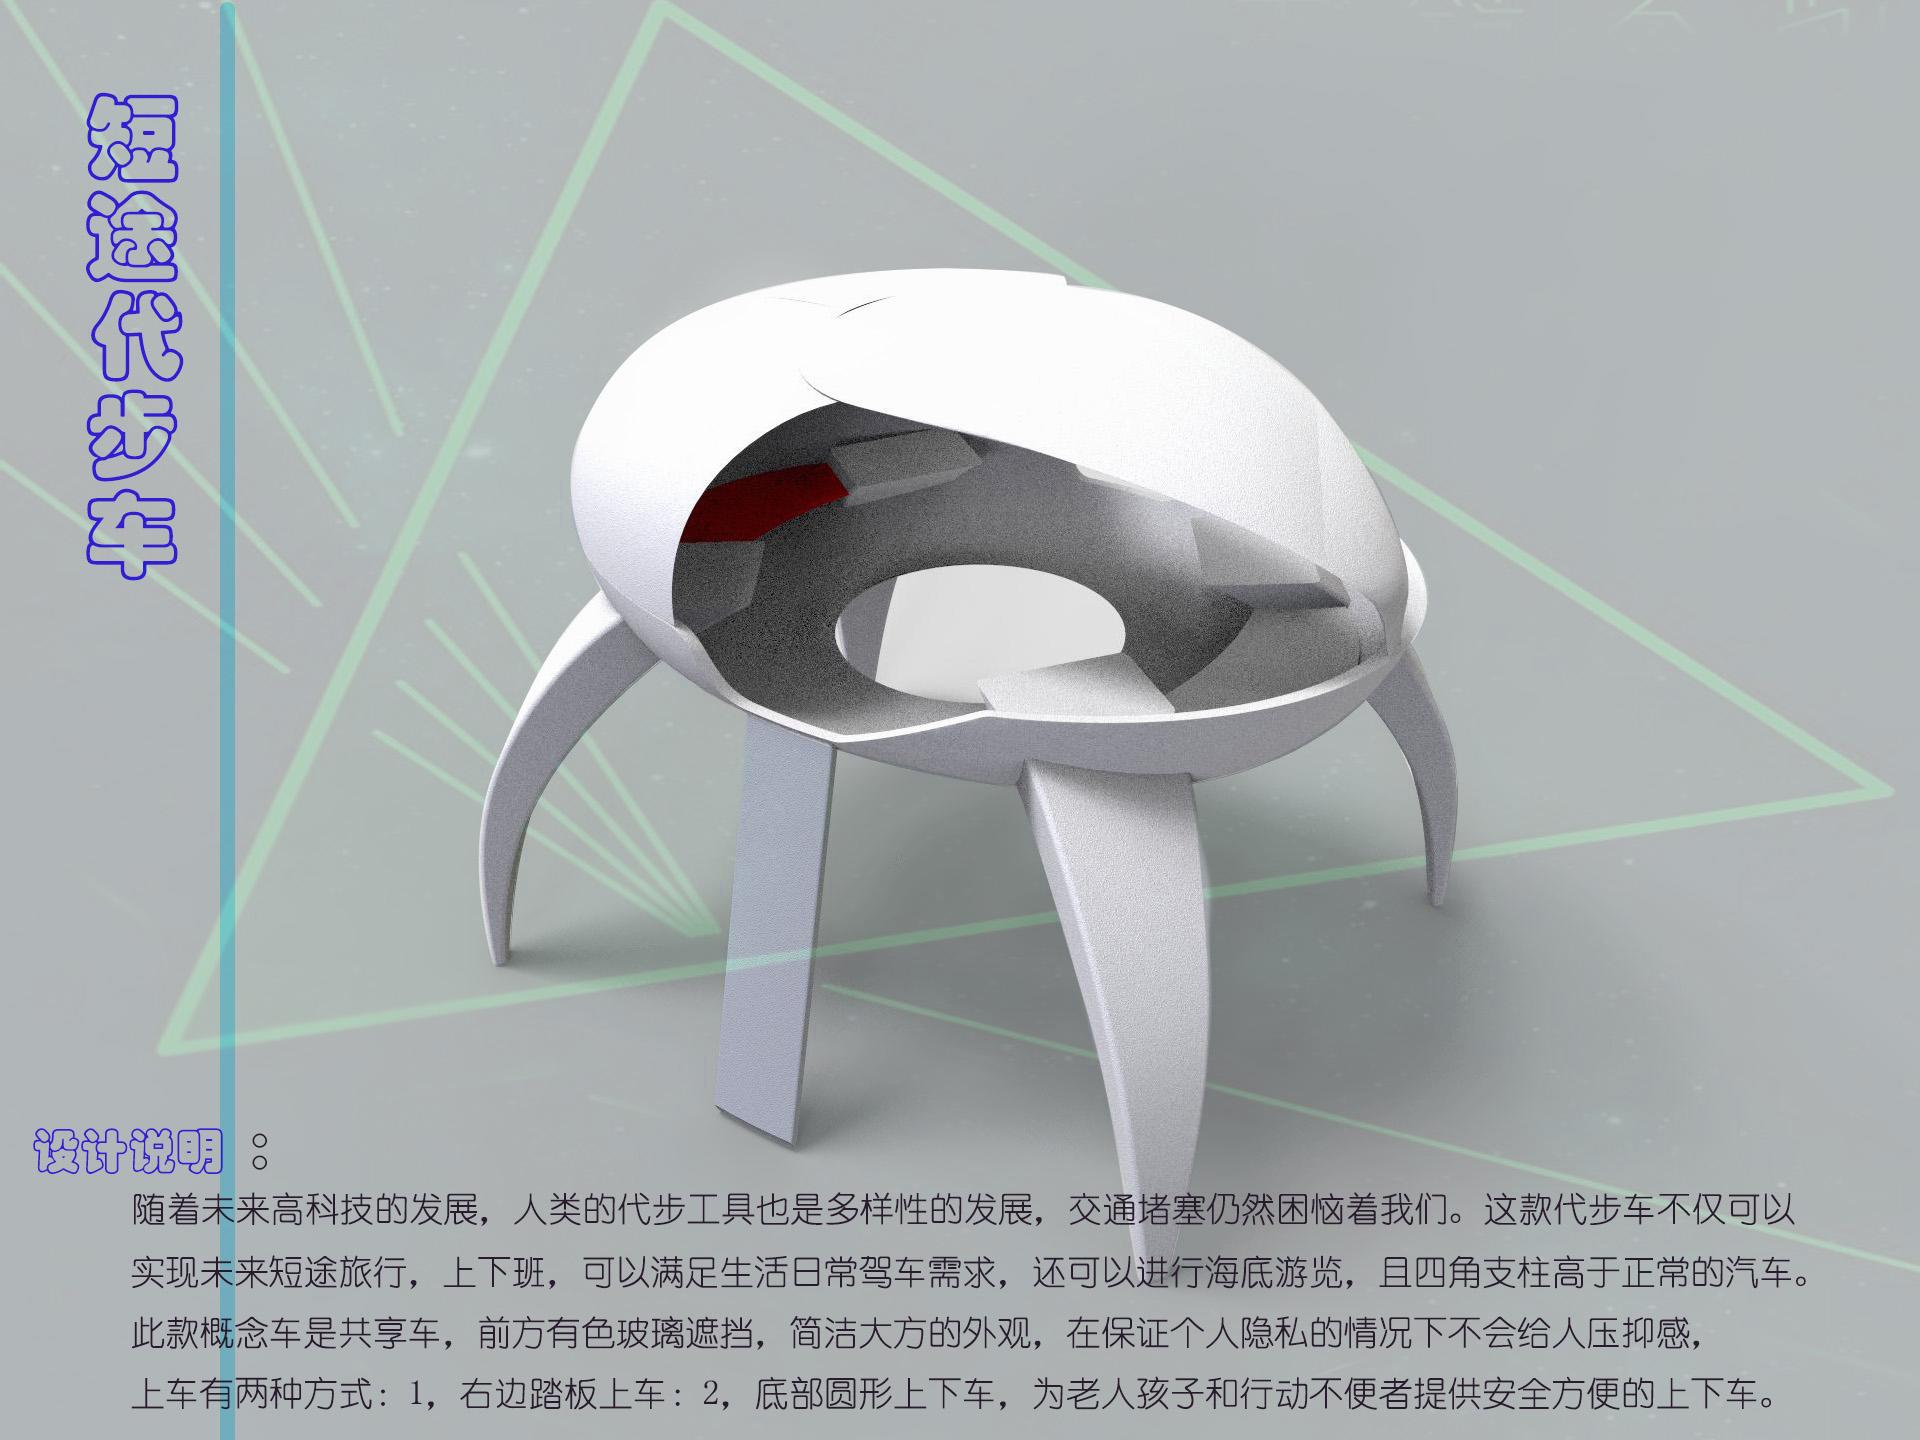 想·未来——我的世界网友作品:短途代步车